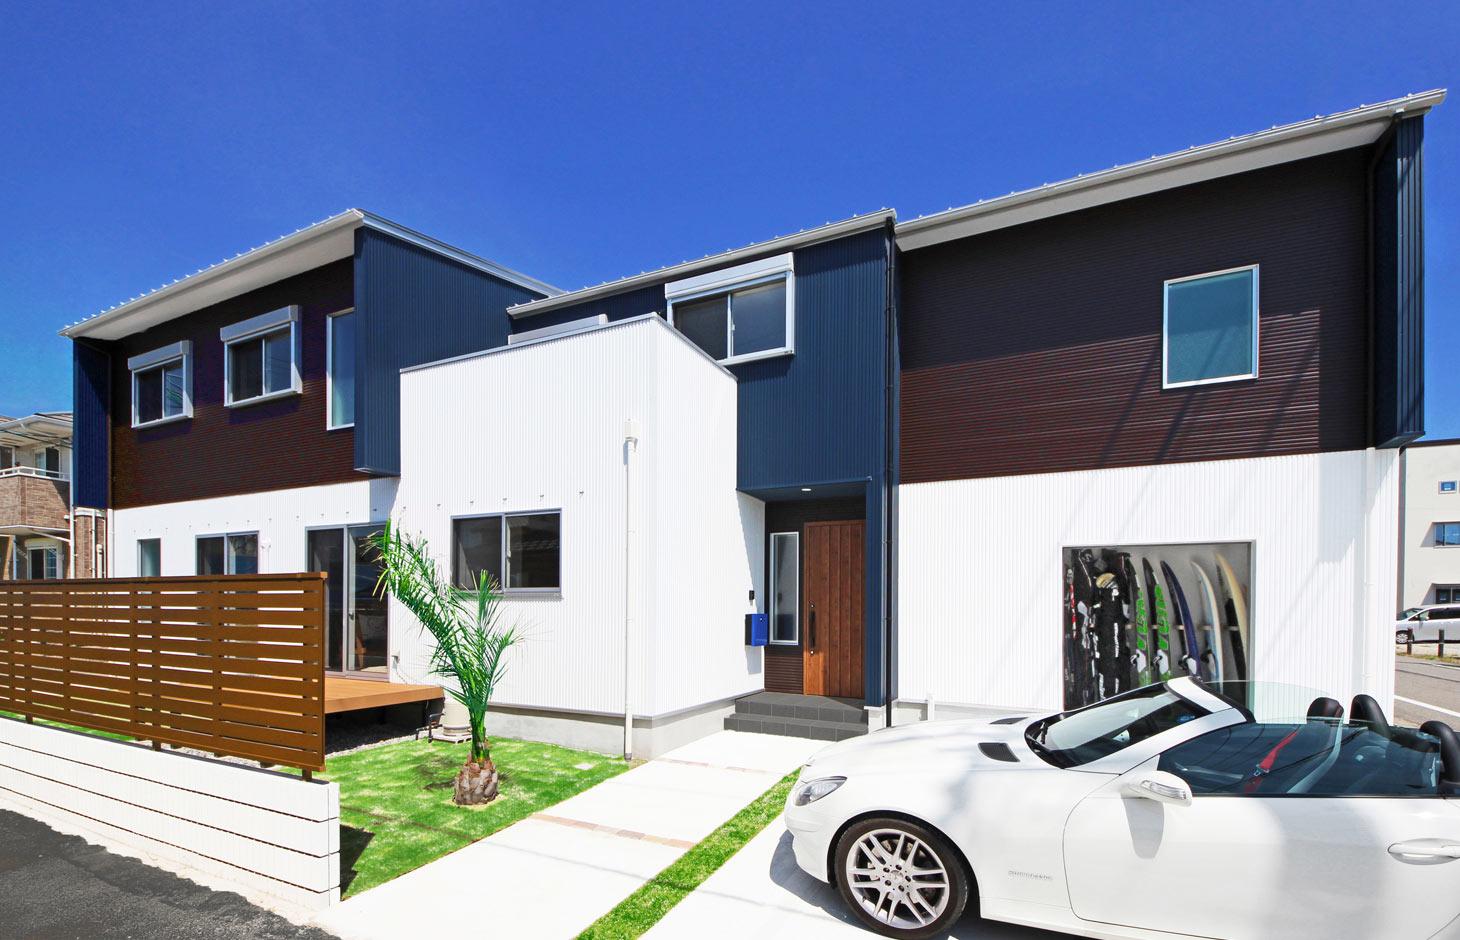 illi-to design 鳥居建設21【デザイン住宅、趣味、省エネ】3色使いと直線的なかたちが印象的な外観。光や風の入り方を計算して窓の場所や数などを設定